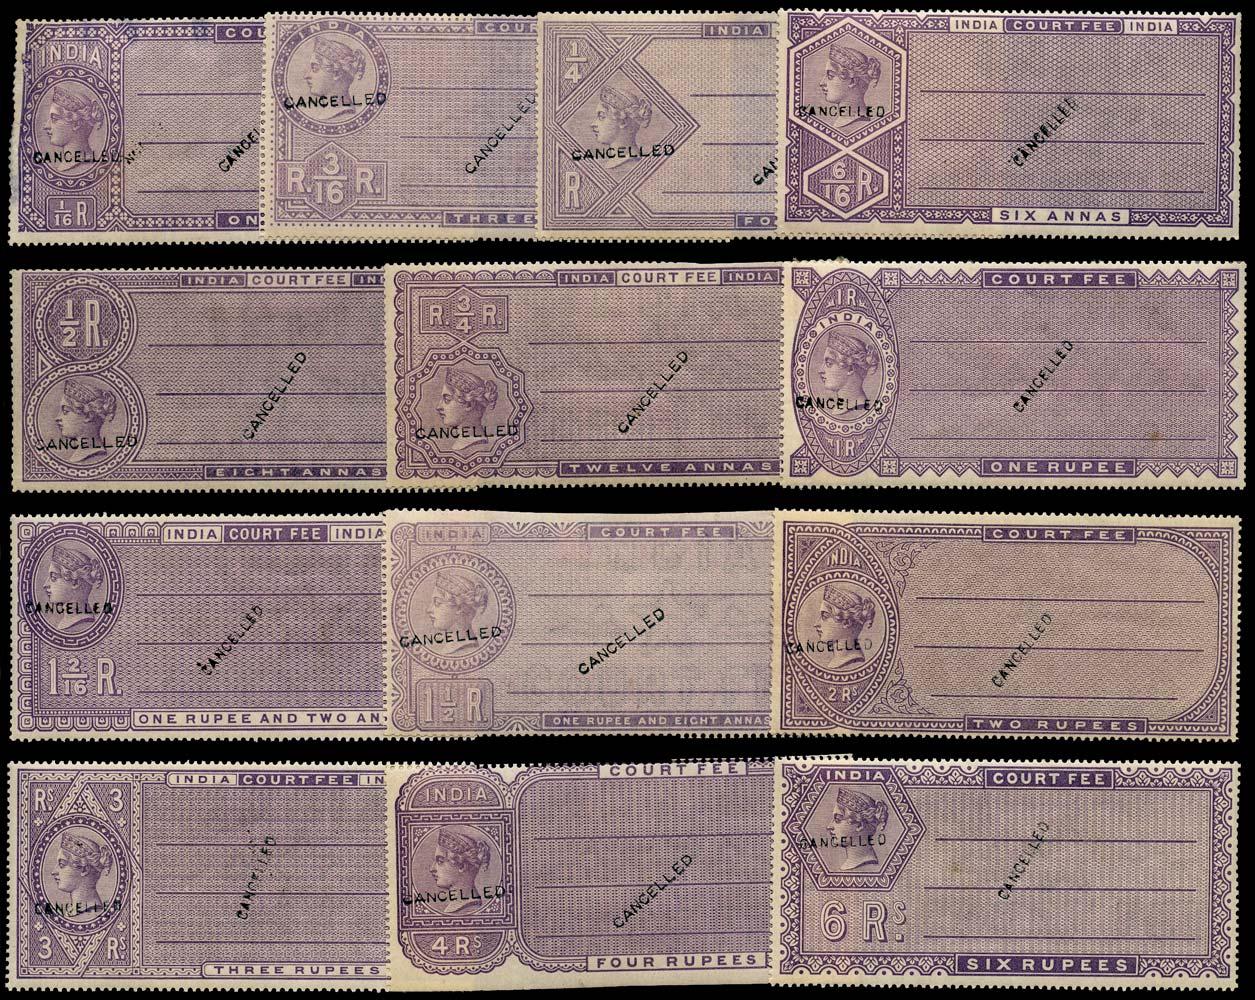 INDIA 1882 Revenue Court Fee